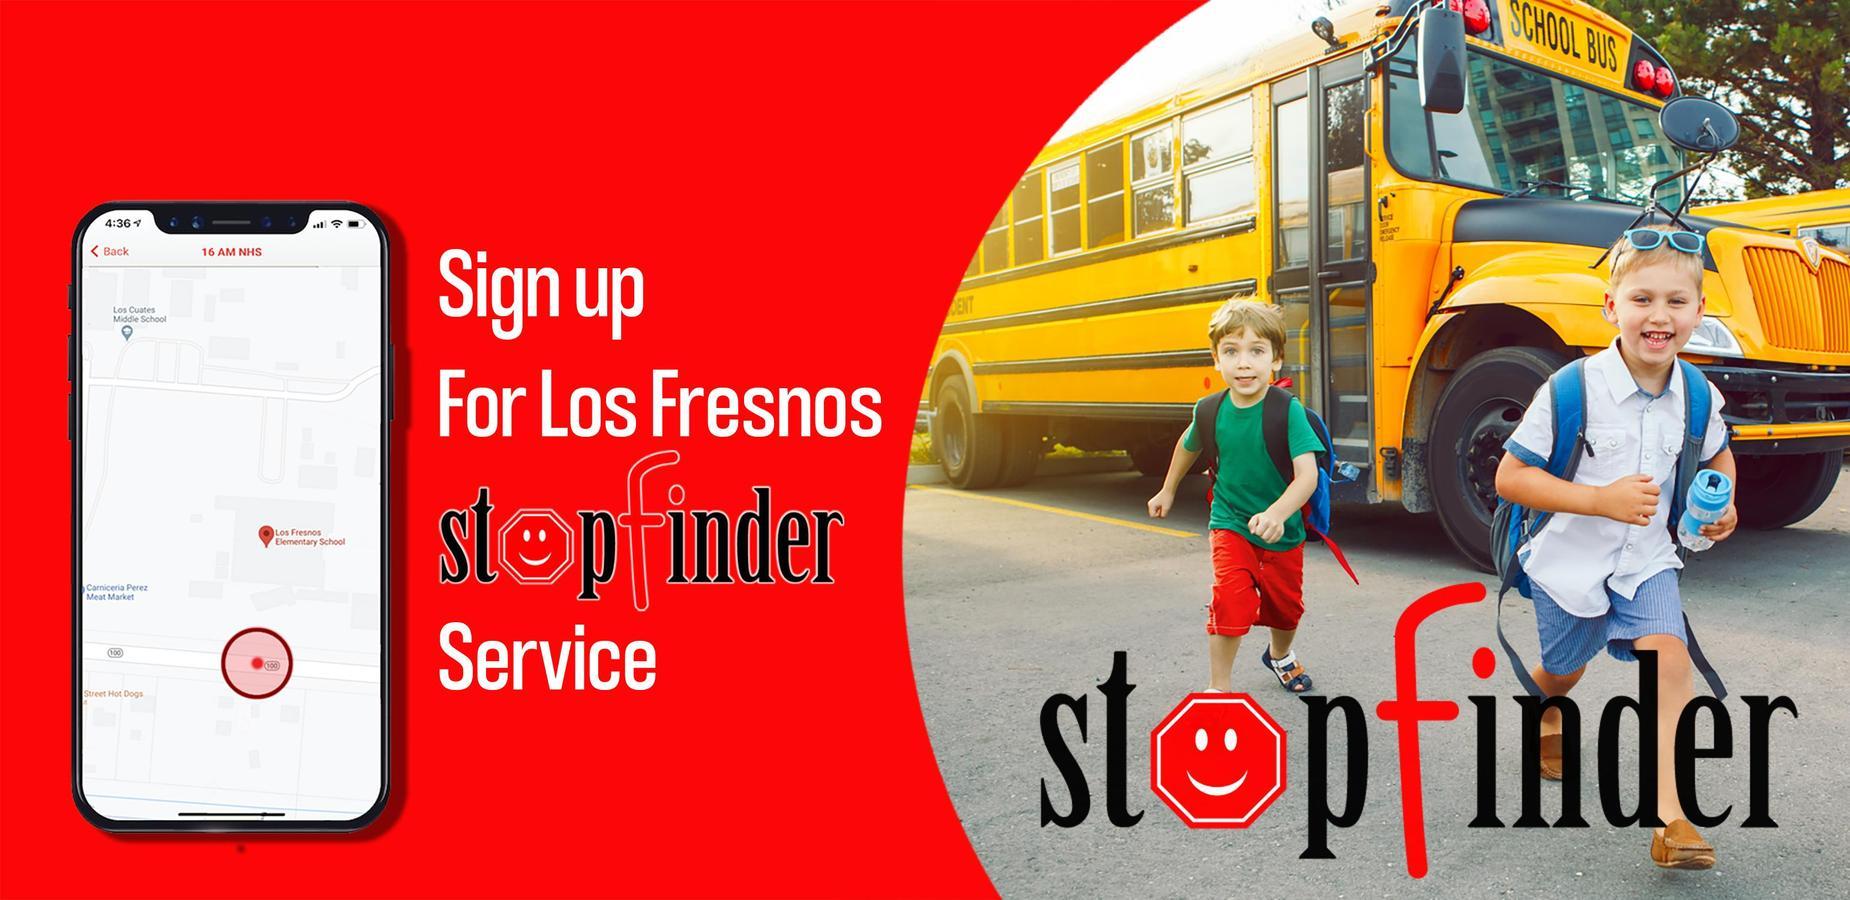 Stopfinder sign up service banner